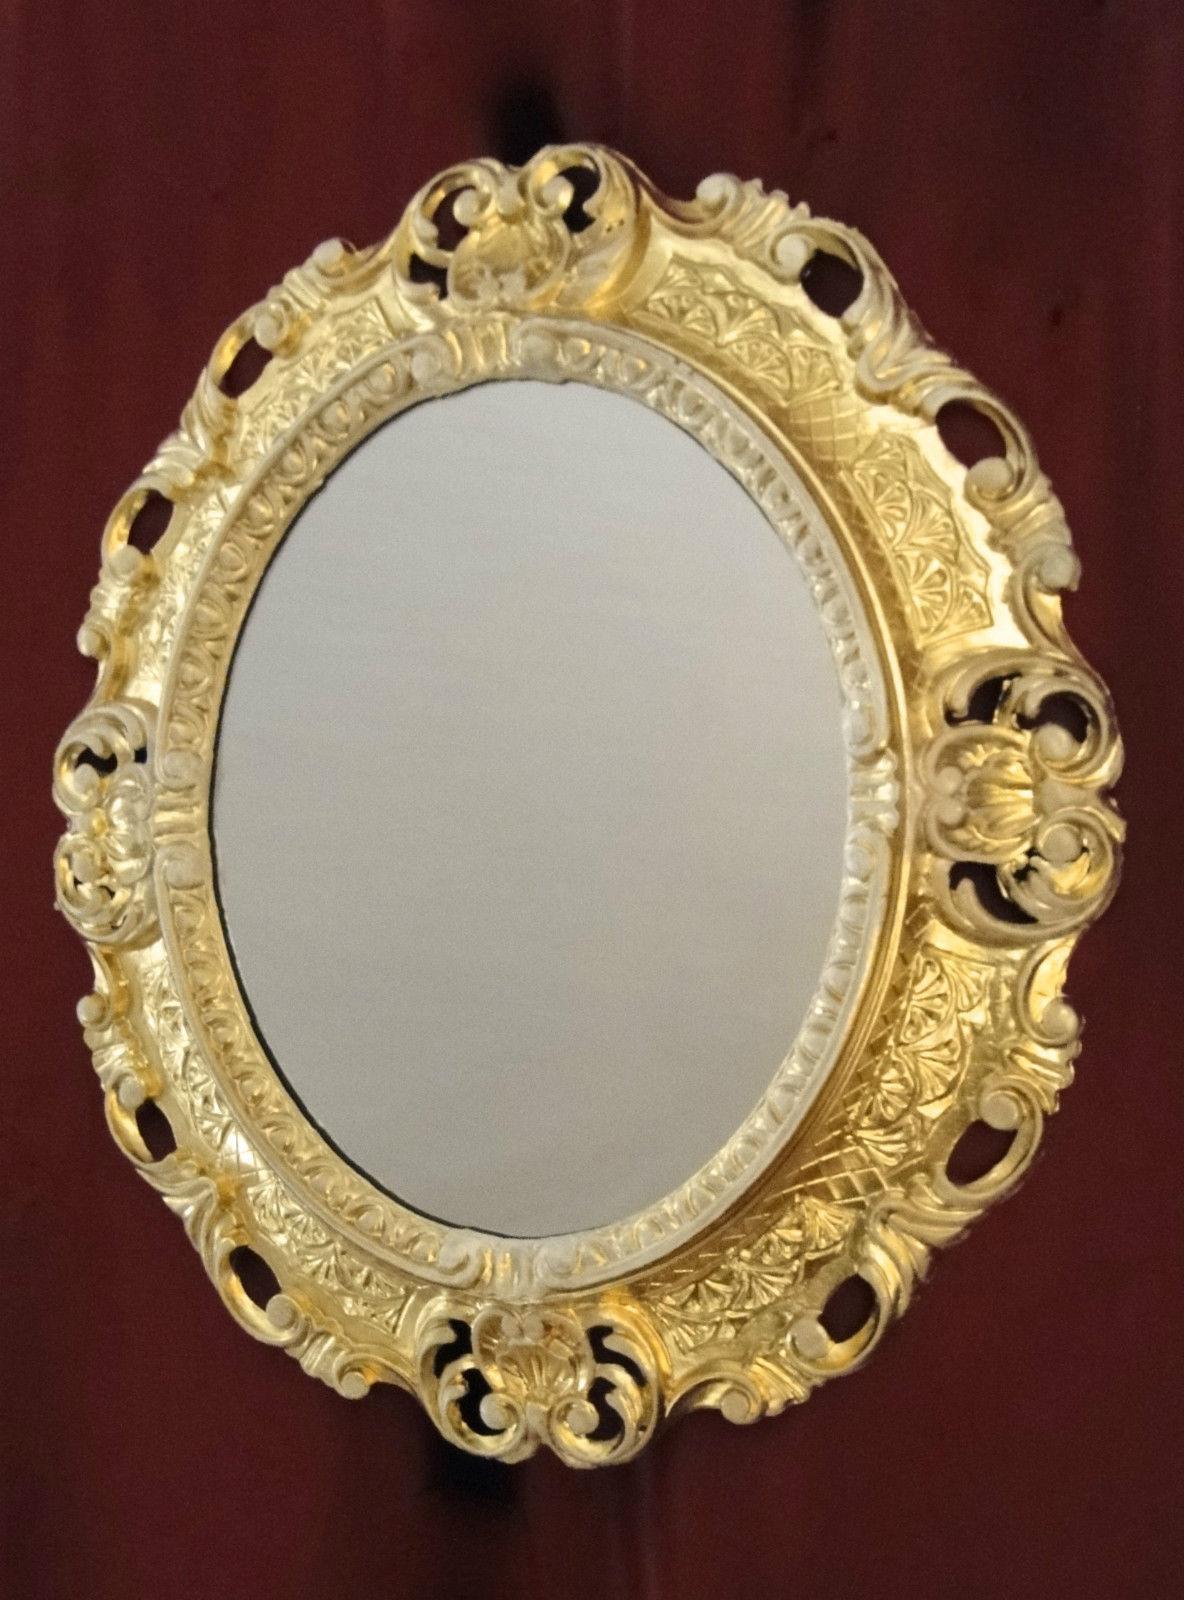 Bilderrahmen Gold Weiß Oval Bilderrahmen Antik Barock 45x37 Neu ...